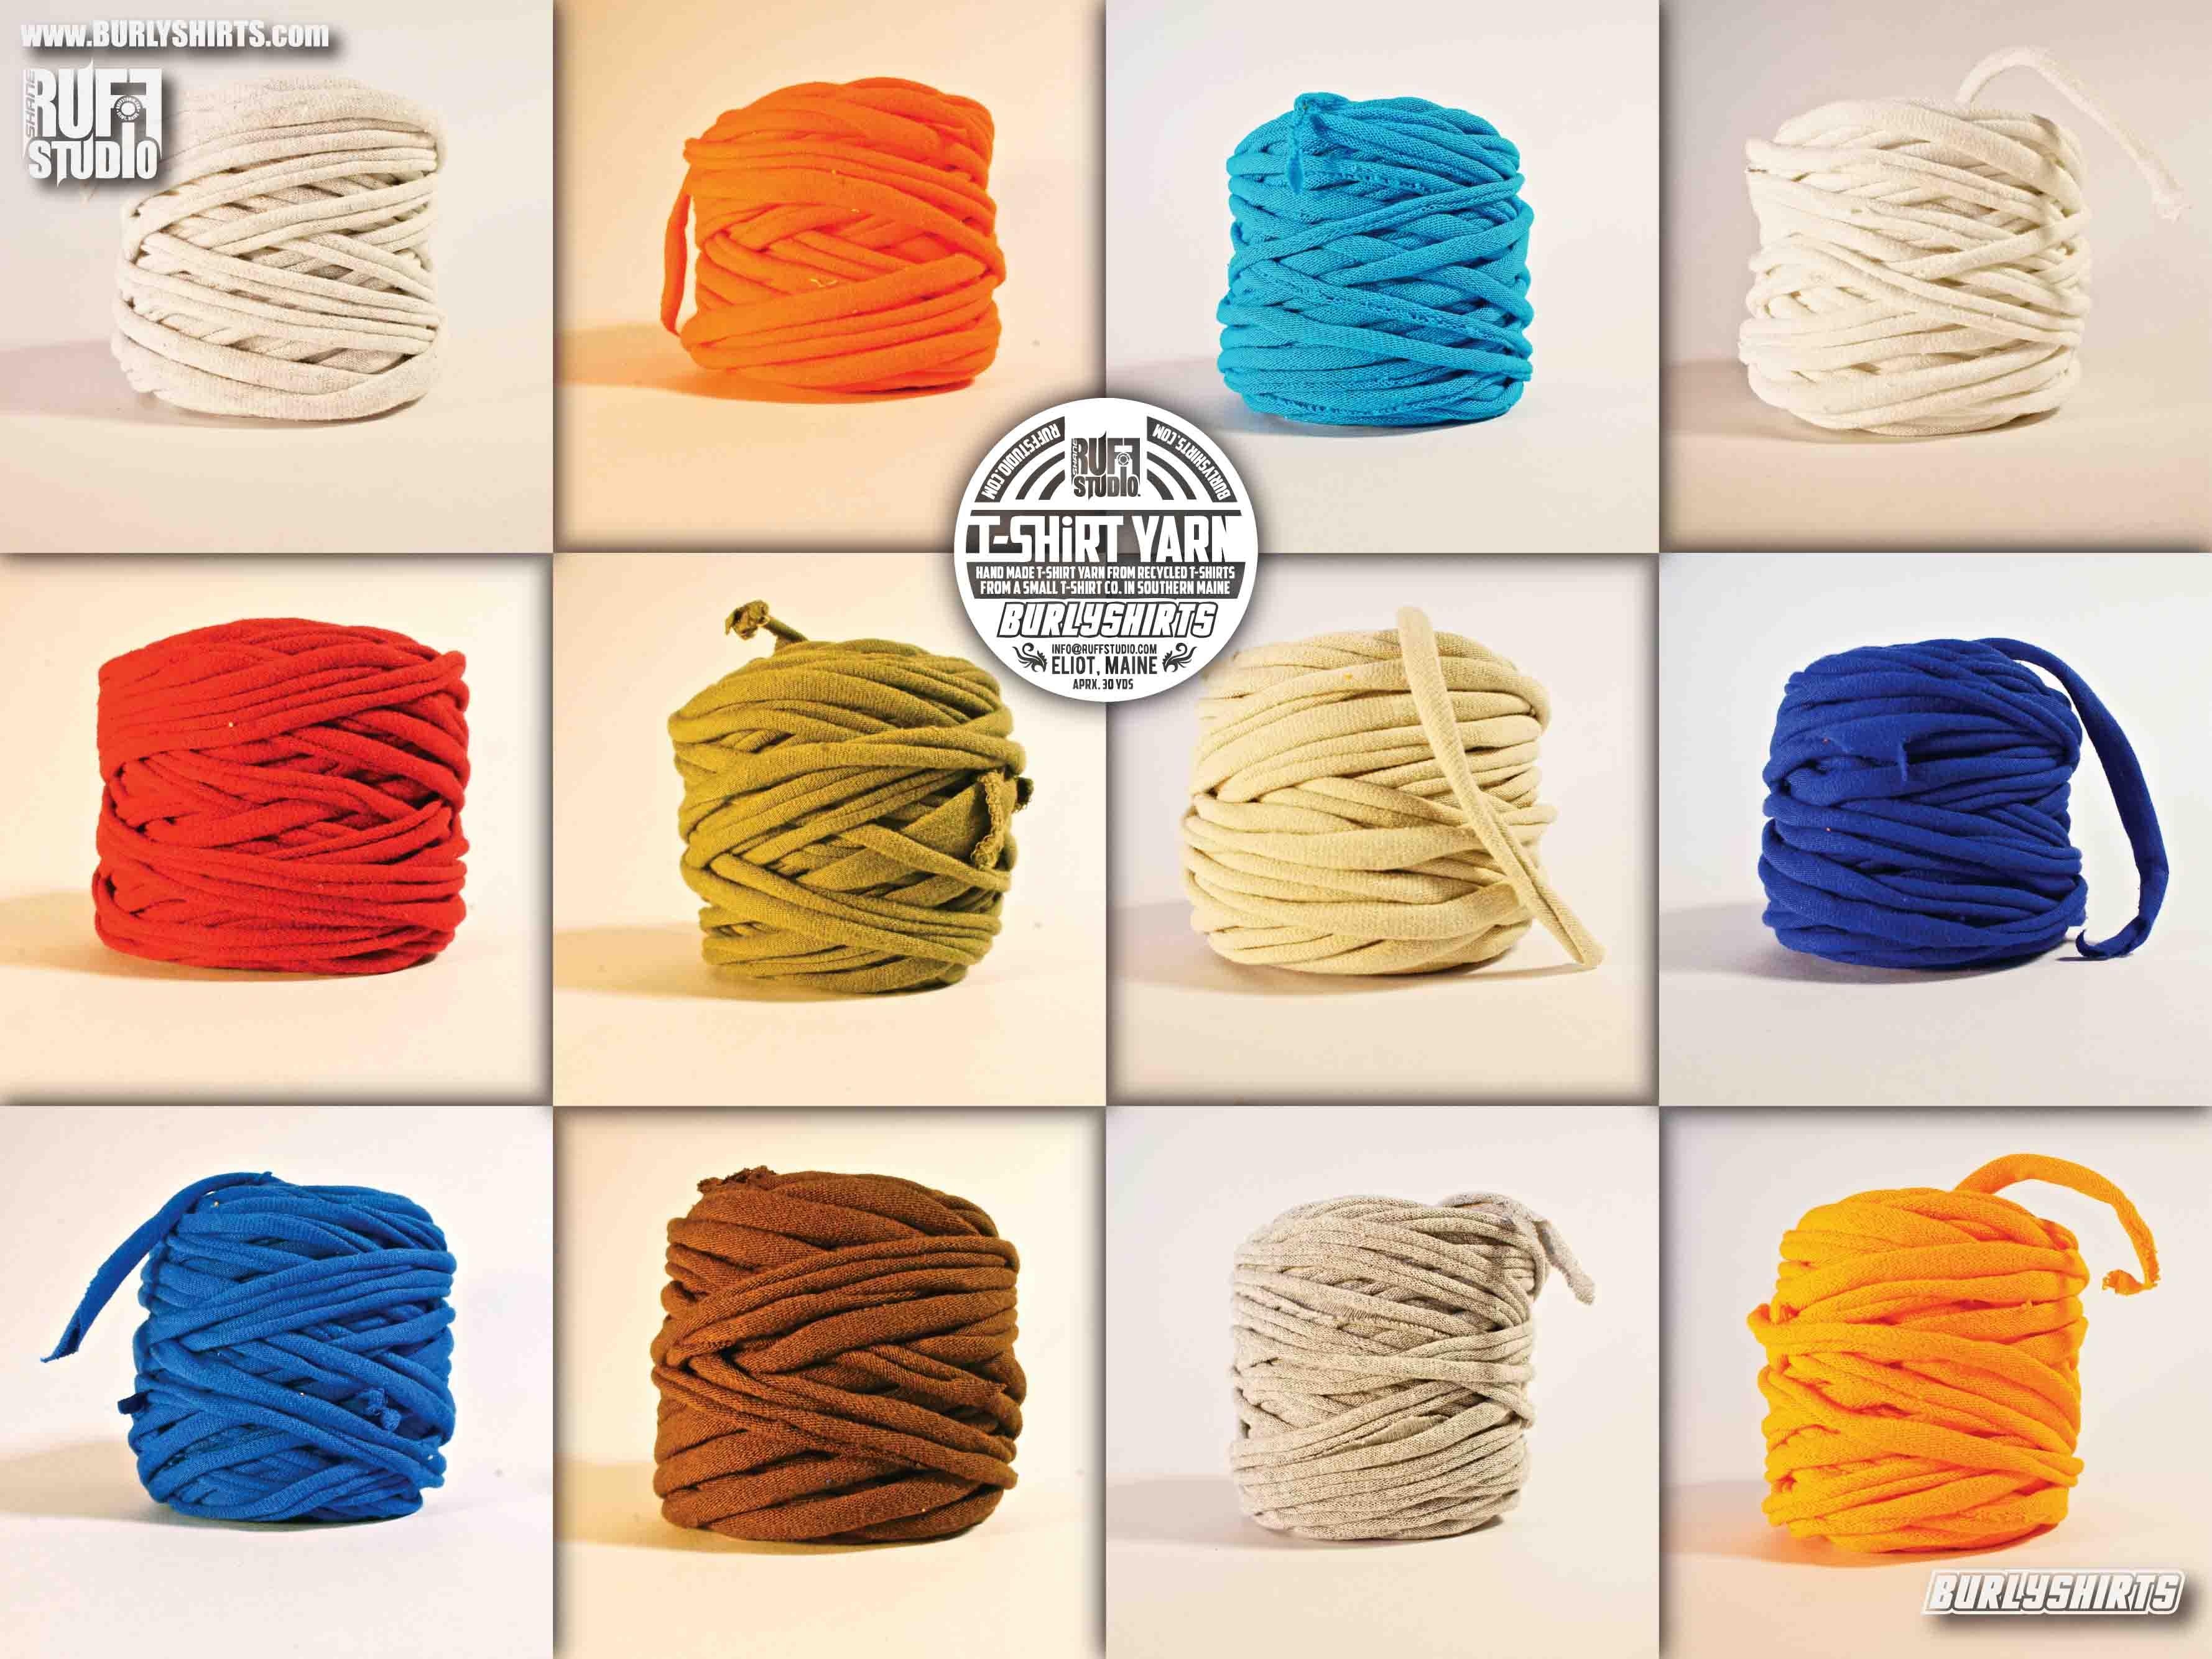 t-yarn-full-picab.jpg